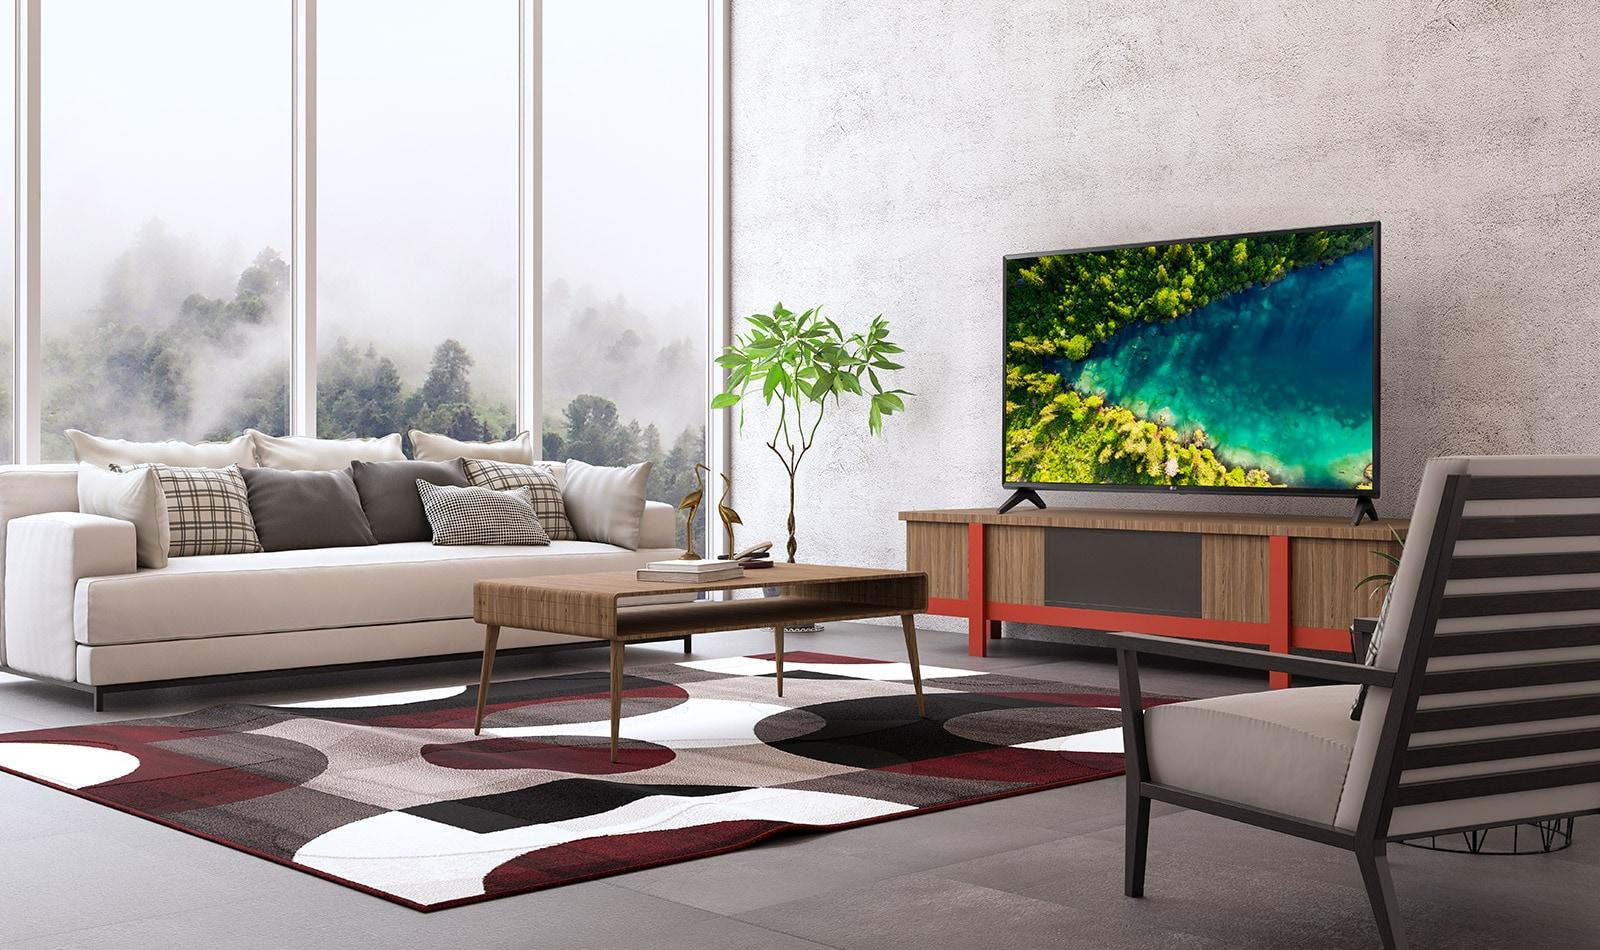 Một chiếc TV thể hiện một dòng sông chảy trong khu rừng rậm rạp của Top View từ khung cảnh một ngôi nhà hiện đại và đơn giản.